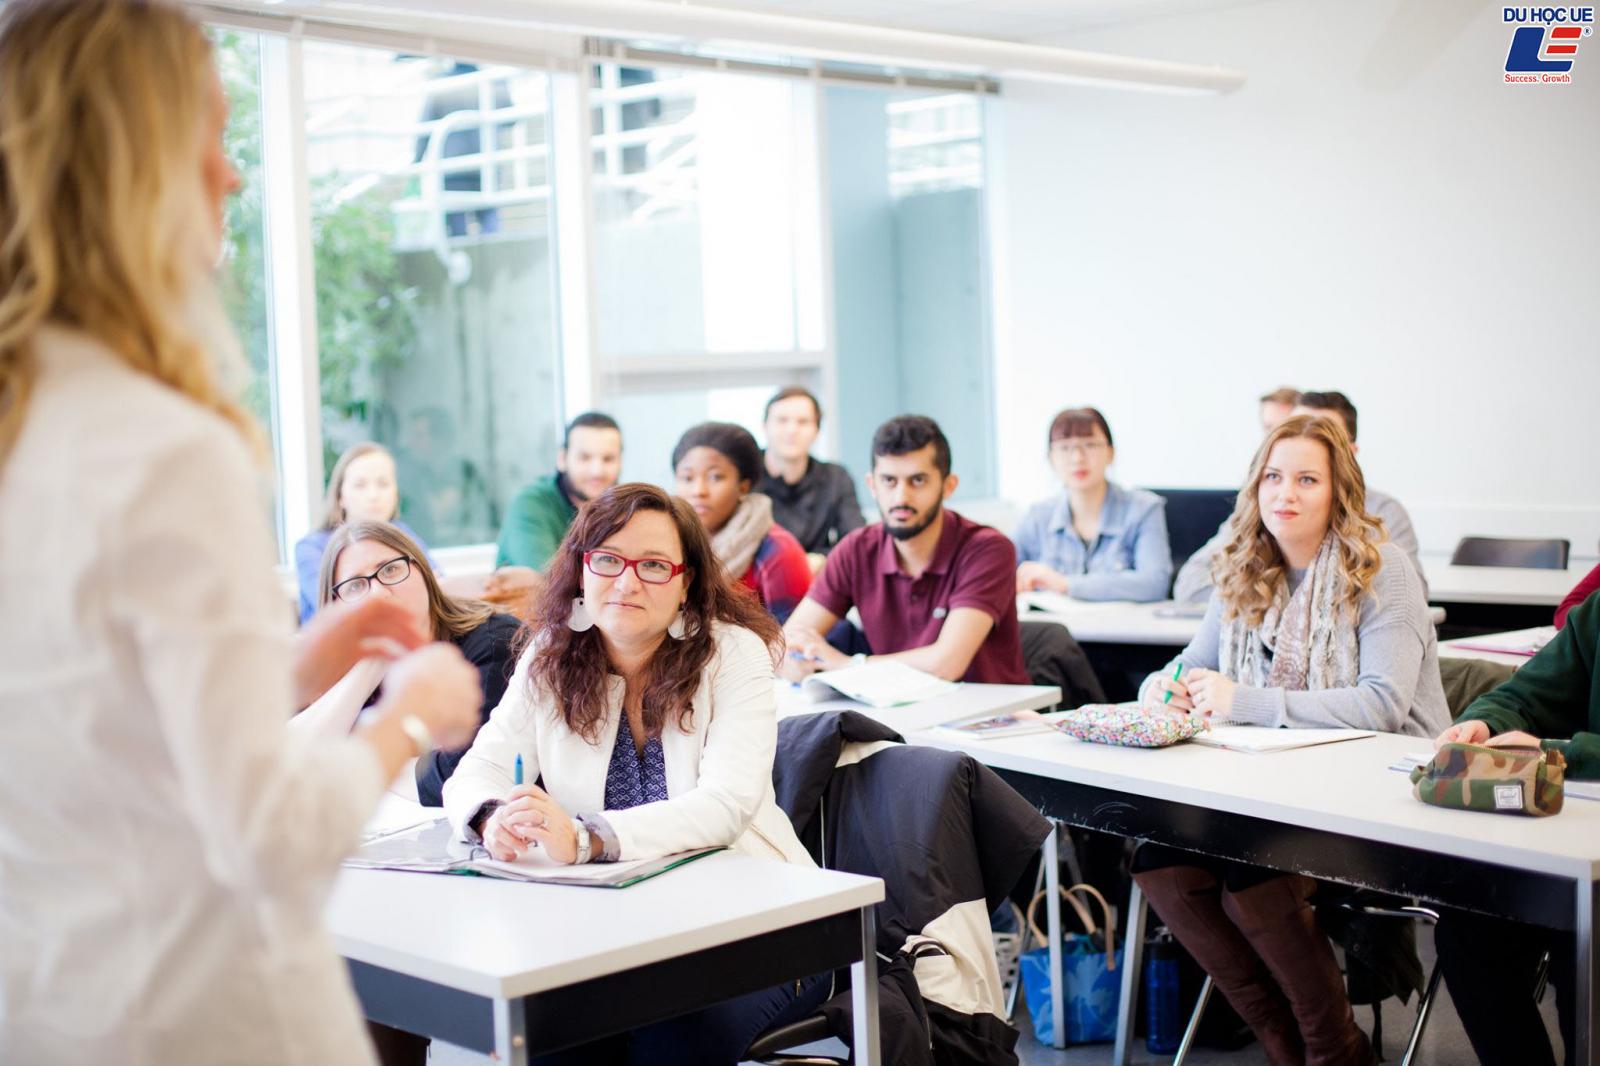 Cùng Du học UE chinh phục các suất học bổng danh giá tại Vancouver Island University, Canada 3